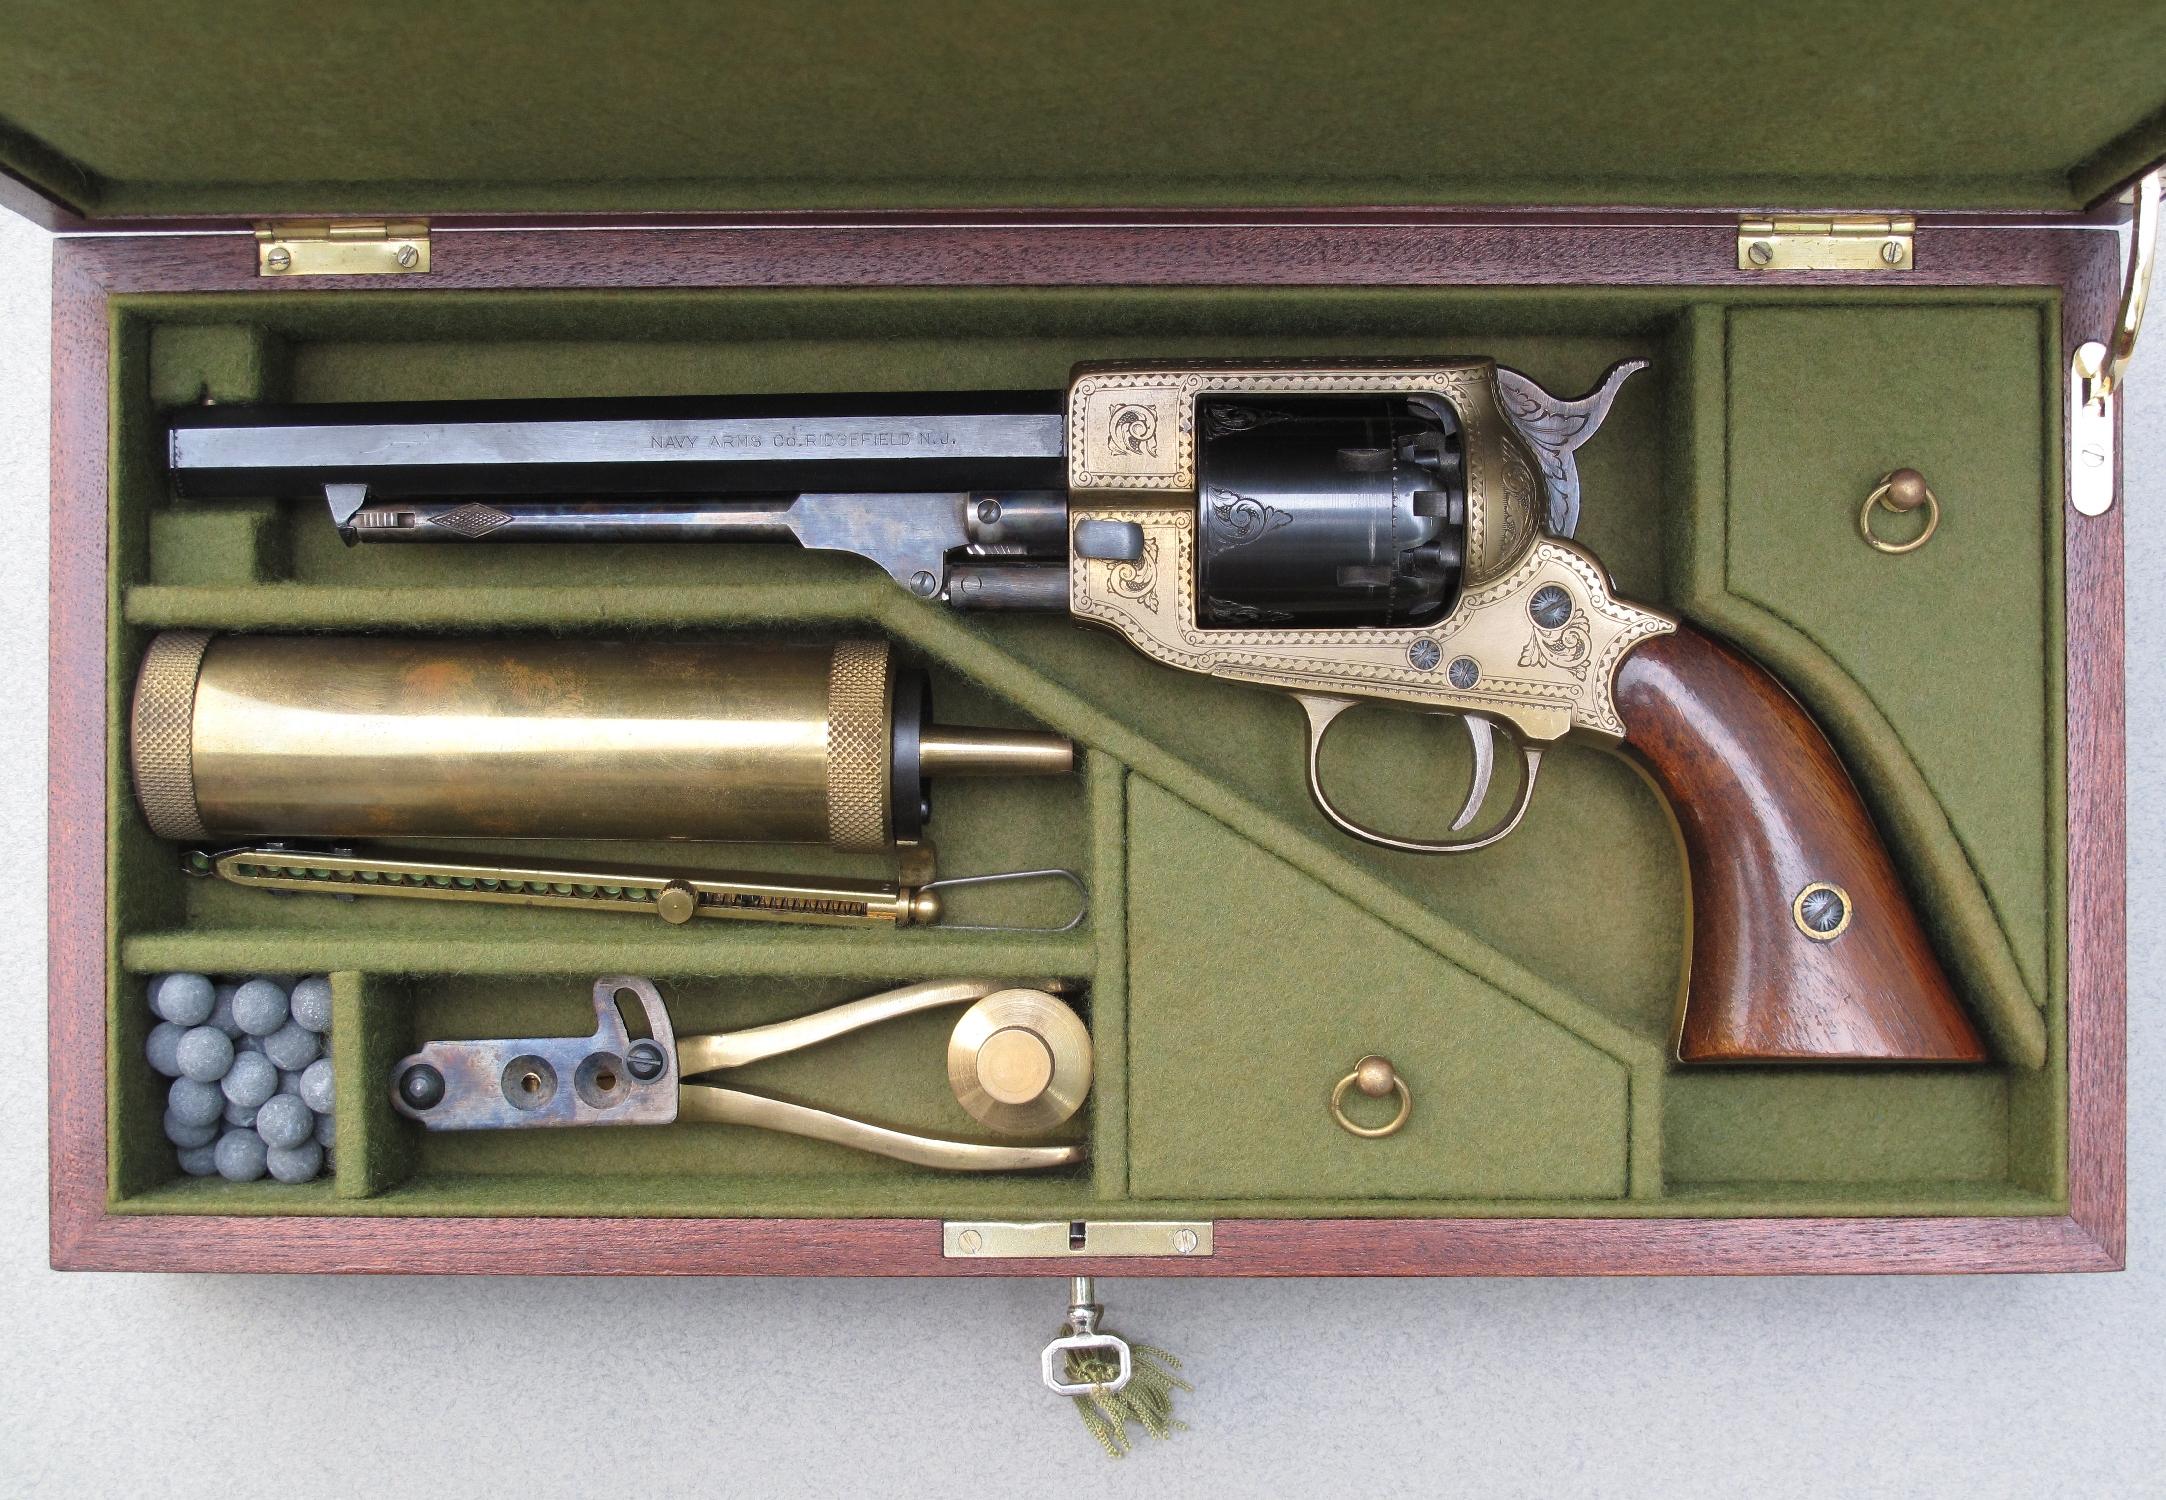 Superbe réplique gravée à la main de revolver confédéré Spiller & Burr de calibre .36, numéro de série 972, fabriquée en Italie pour la firme américaine Navy Arms, présentée dans une réplique artisanale de coffret en acajou réalisée par le français Rémi Bourgeois, accompagnée par des répliques modernes d'accessoires d'époque : poire à poudre, distributeur d'amorces, moule à balles, huilier...